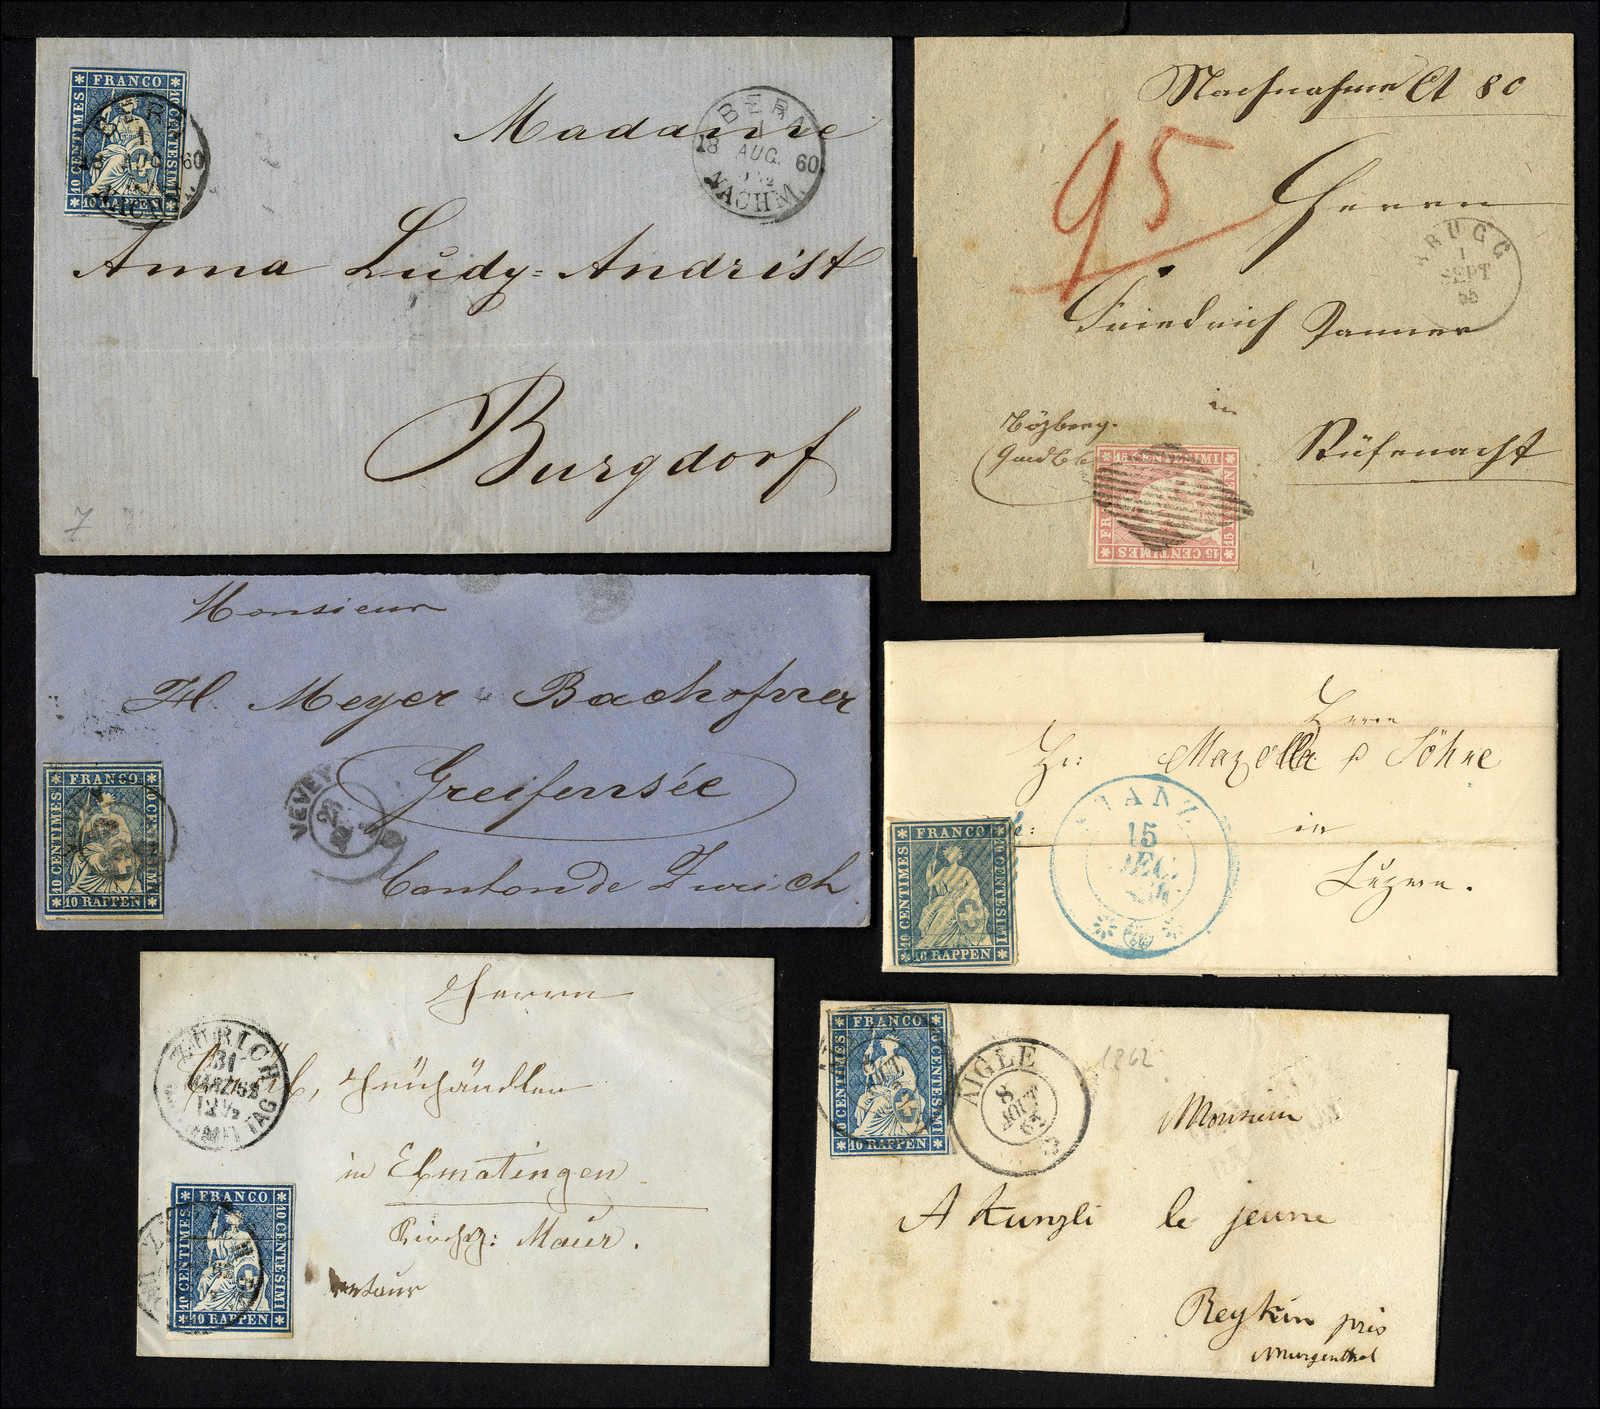 Lot 72 - sammlungen und posten sammlungen und posten altschweiz -  Rolli Auctions Auction #68 Day 1